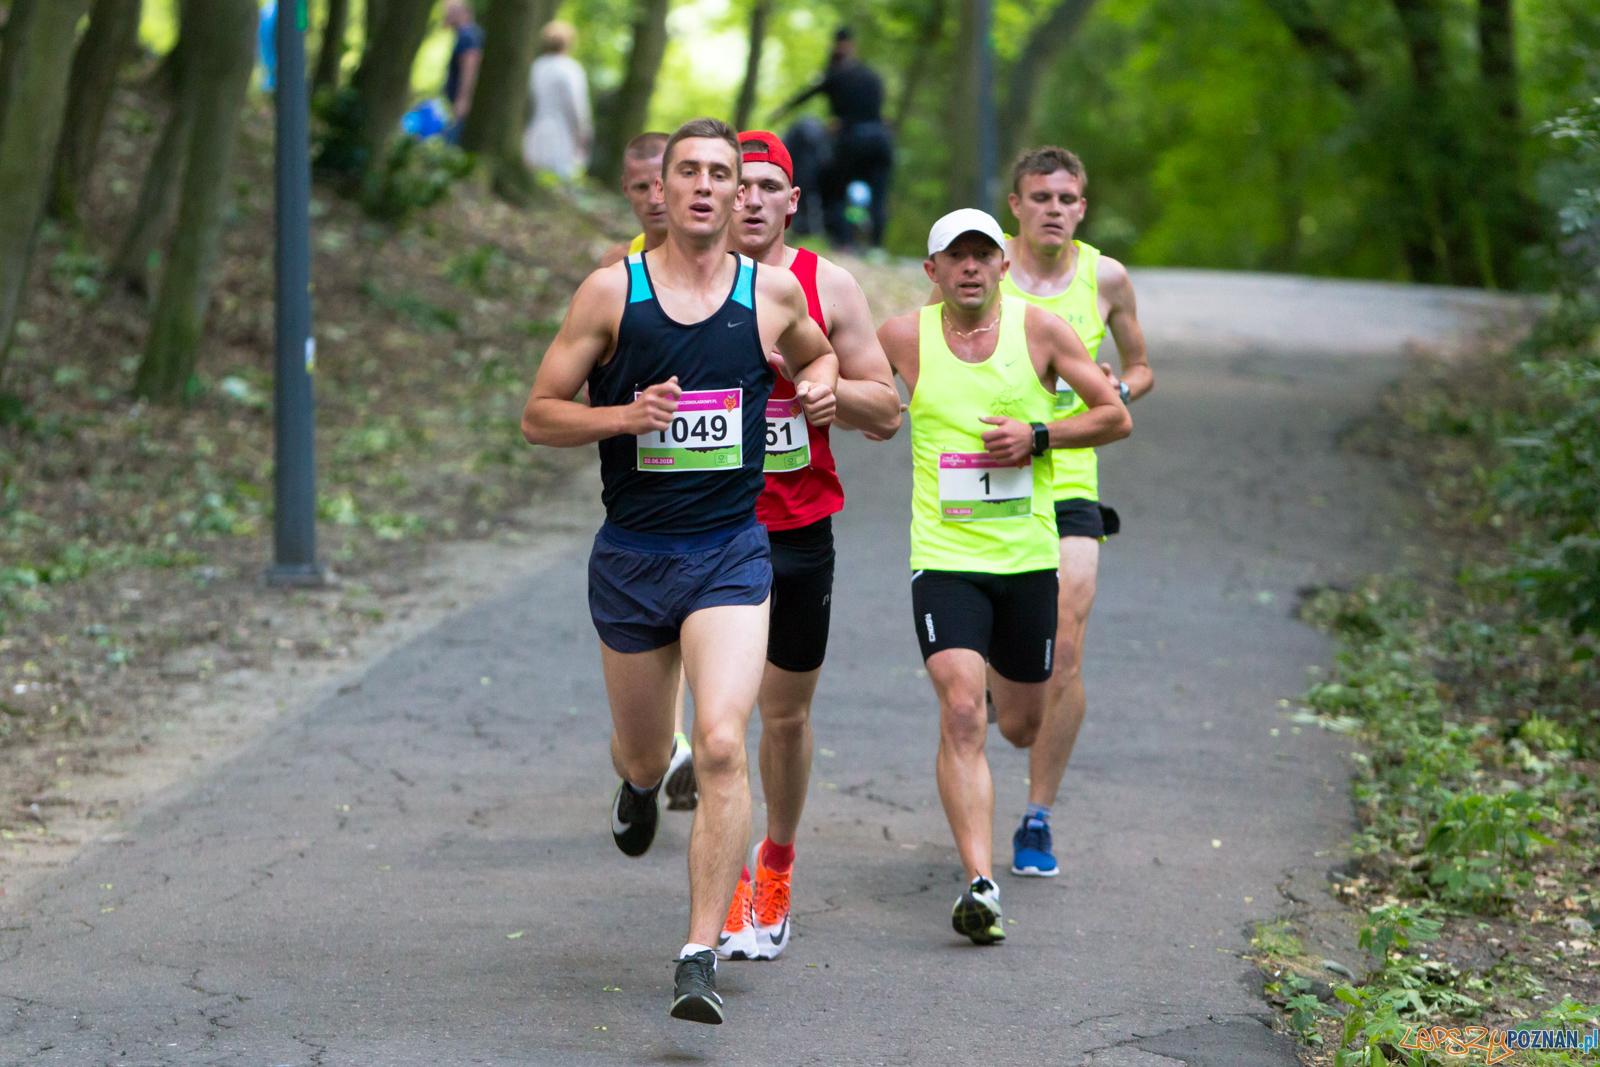 6. Bieg Czekoladowy - Smak Lata  Foto: lepszyPOZNAN.pl/Piotr Rychter